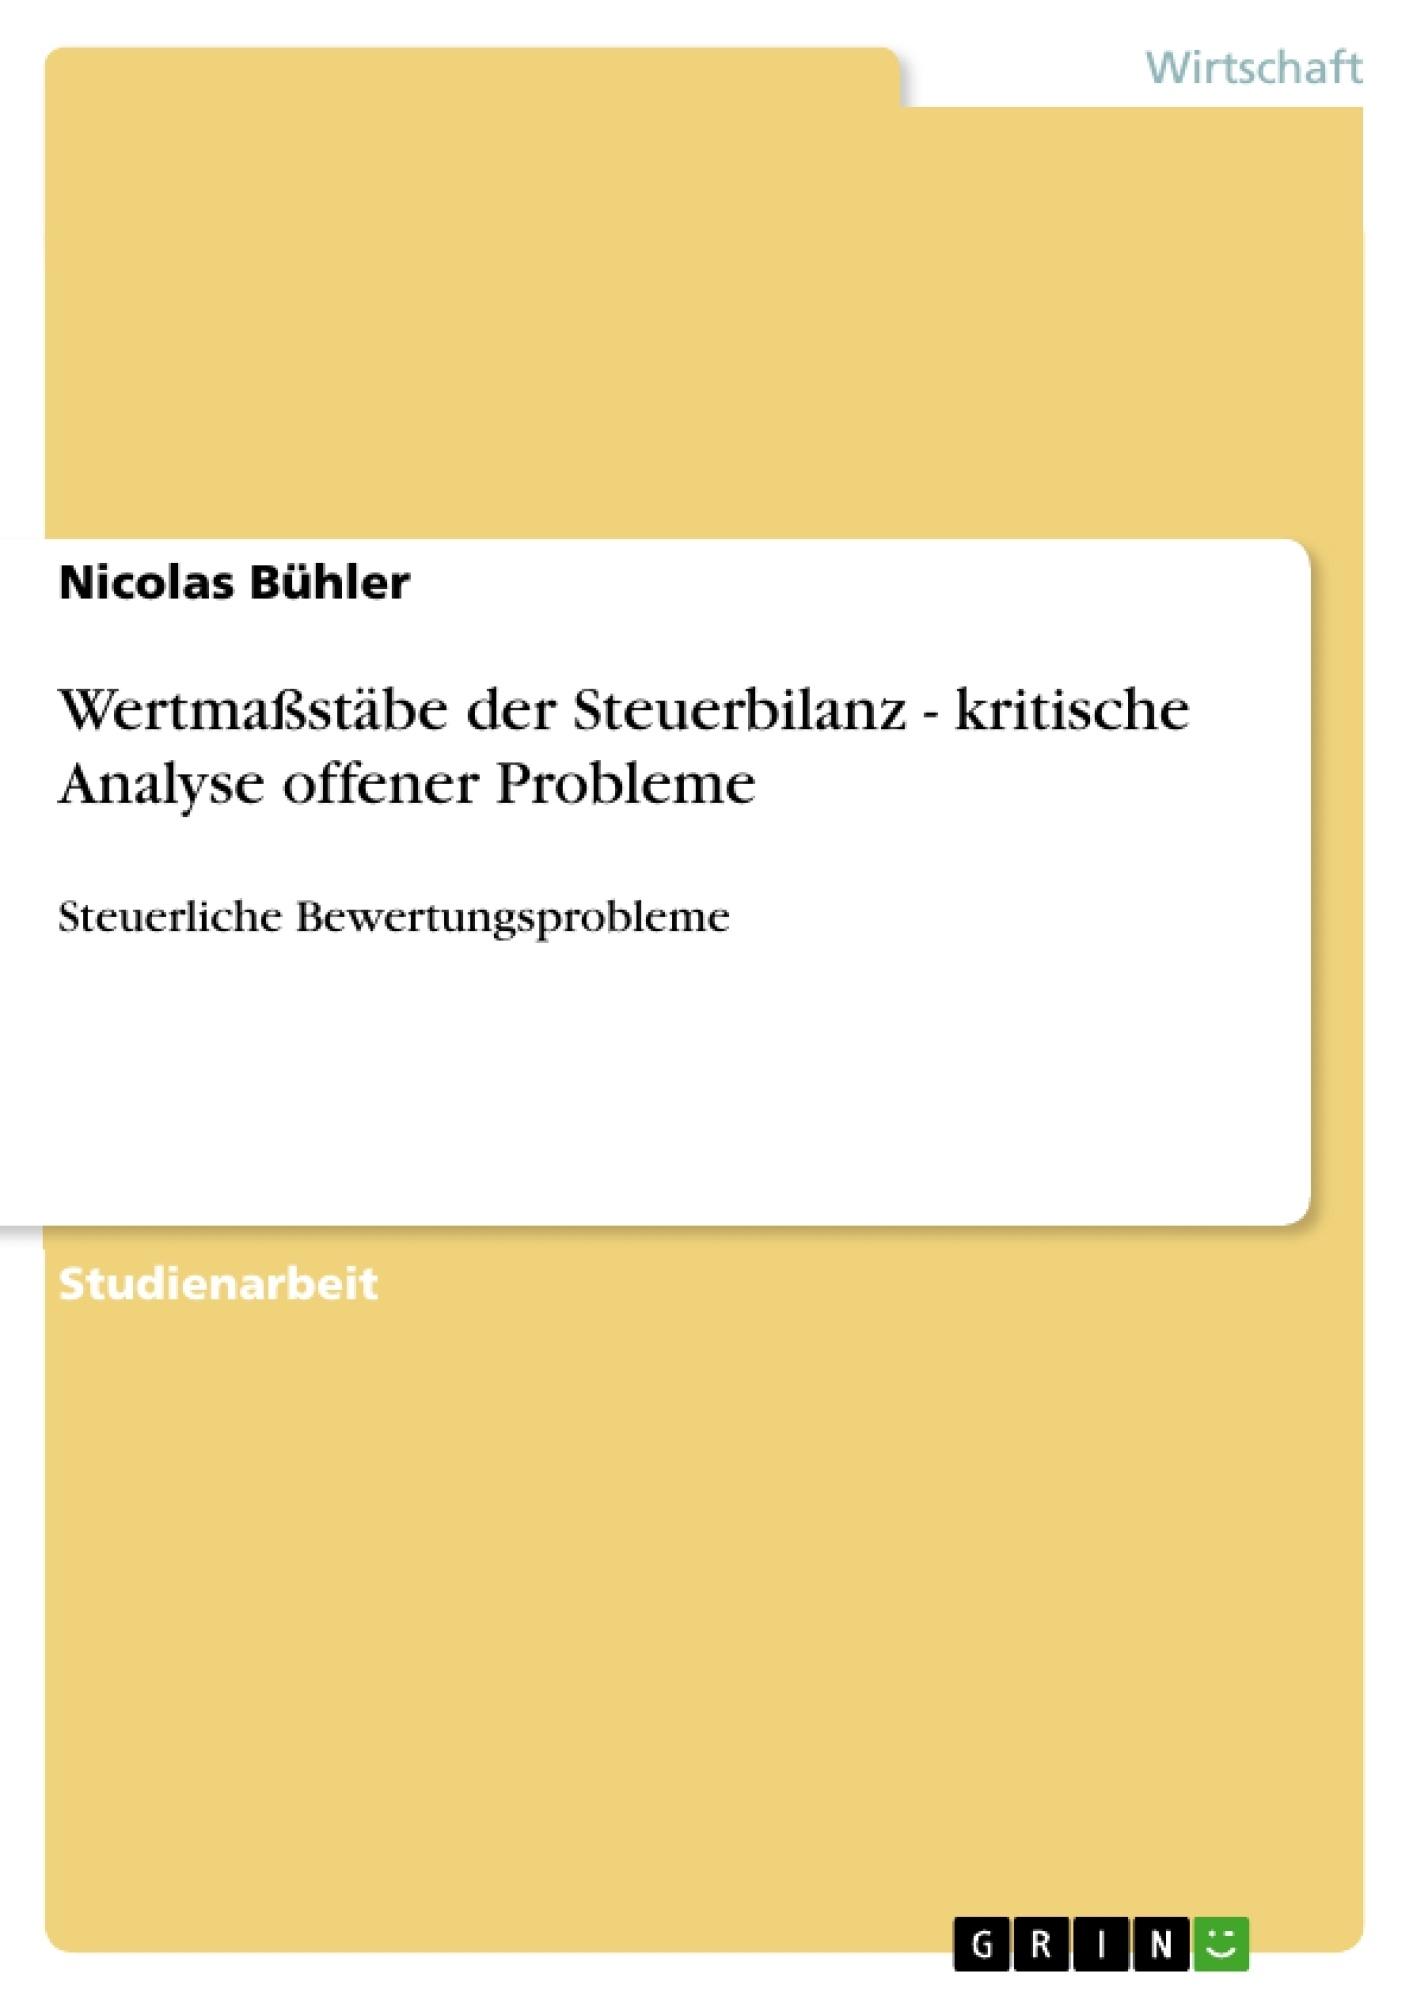 Titel: Wertmaßstäbe der Steuerbilanz - kritische Analyse offener Probleme